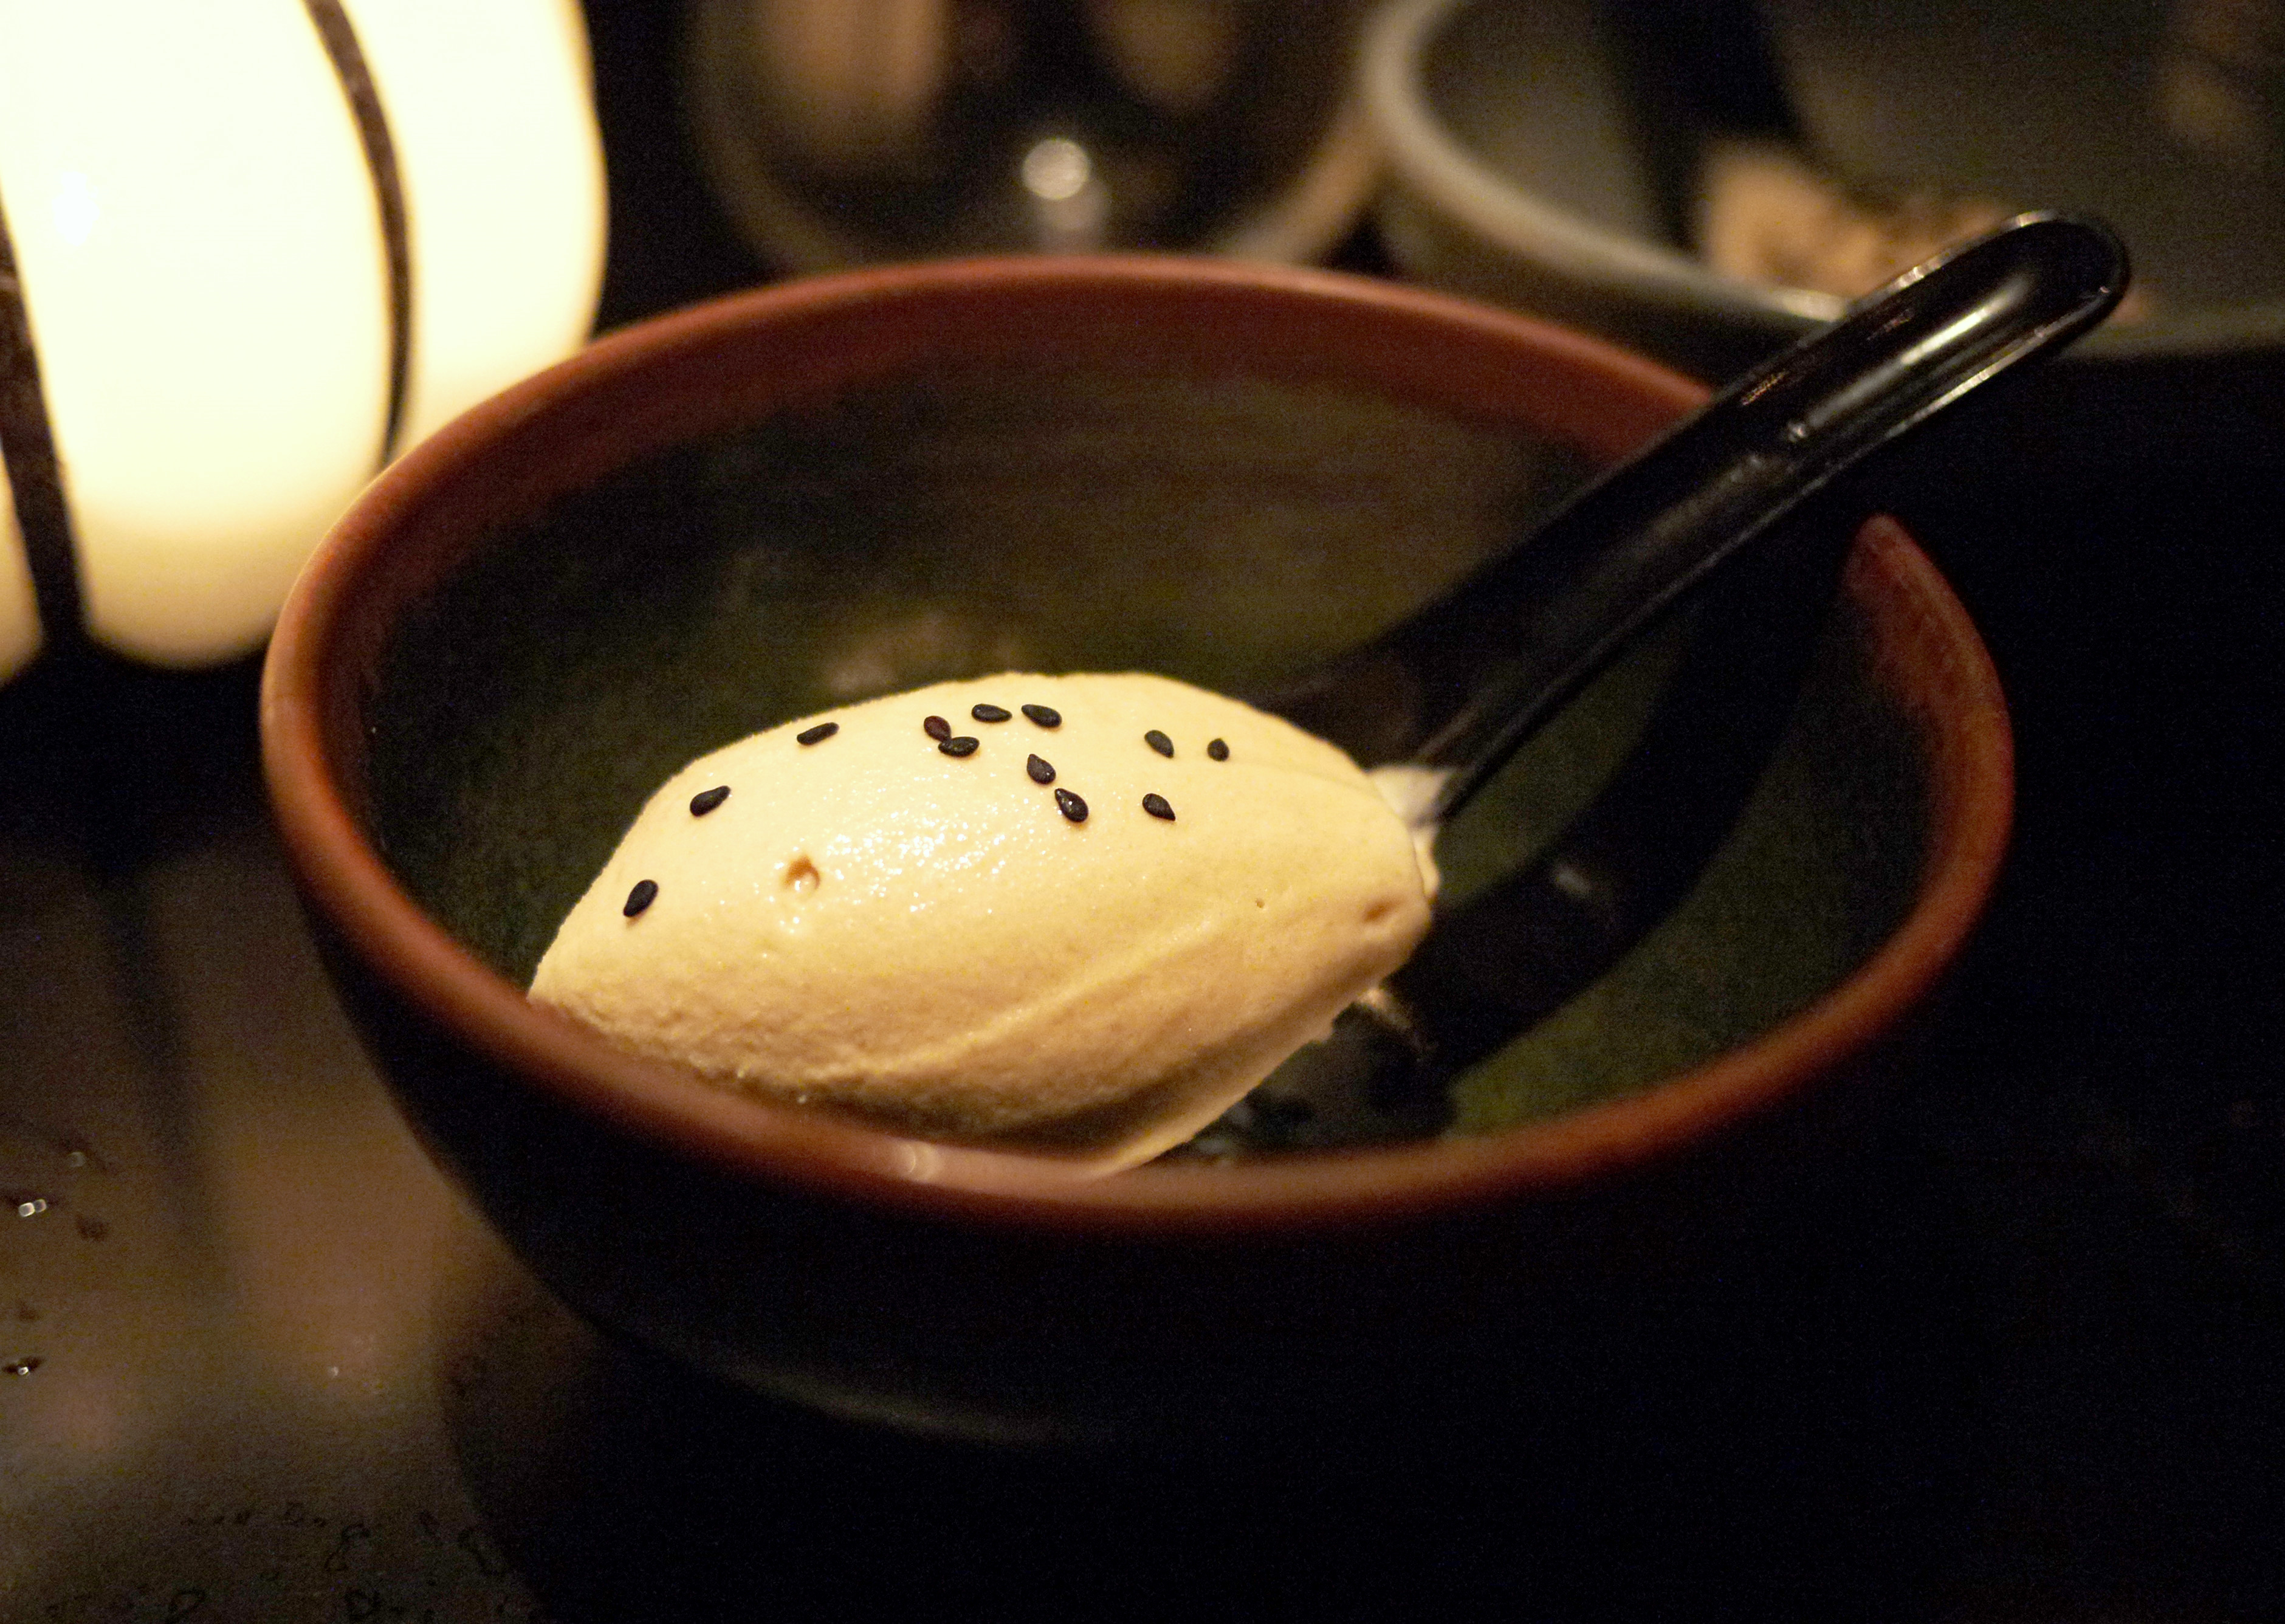 Saltet kokosis (drømmekage-is) på Chai Wong